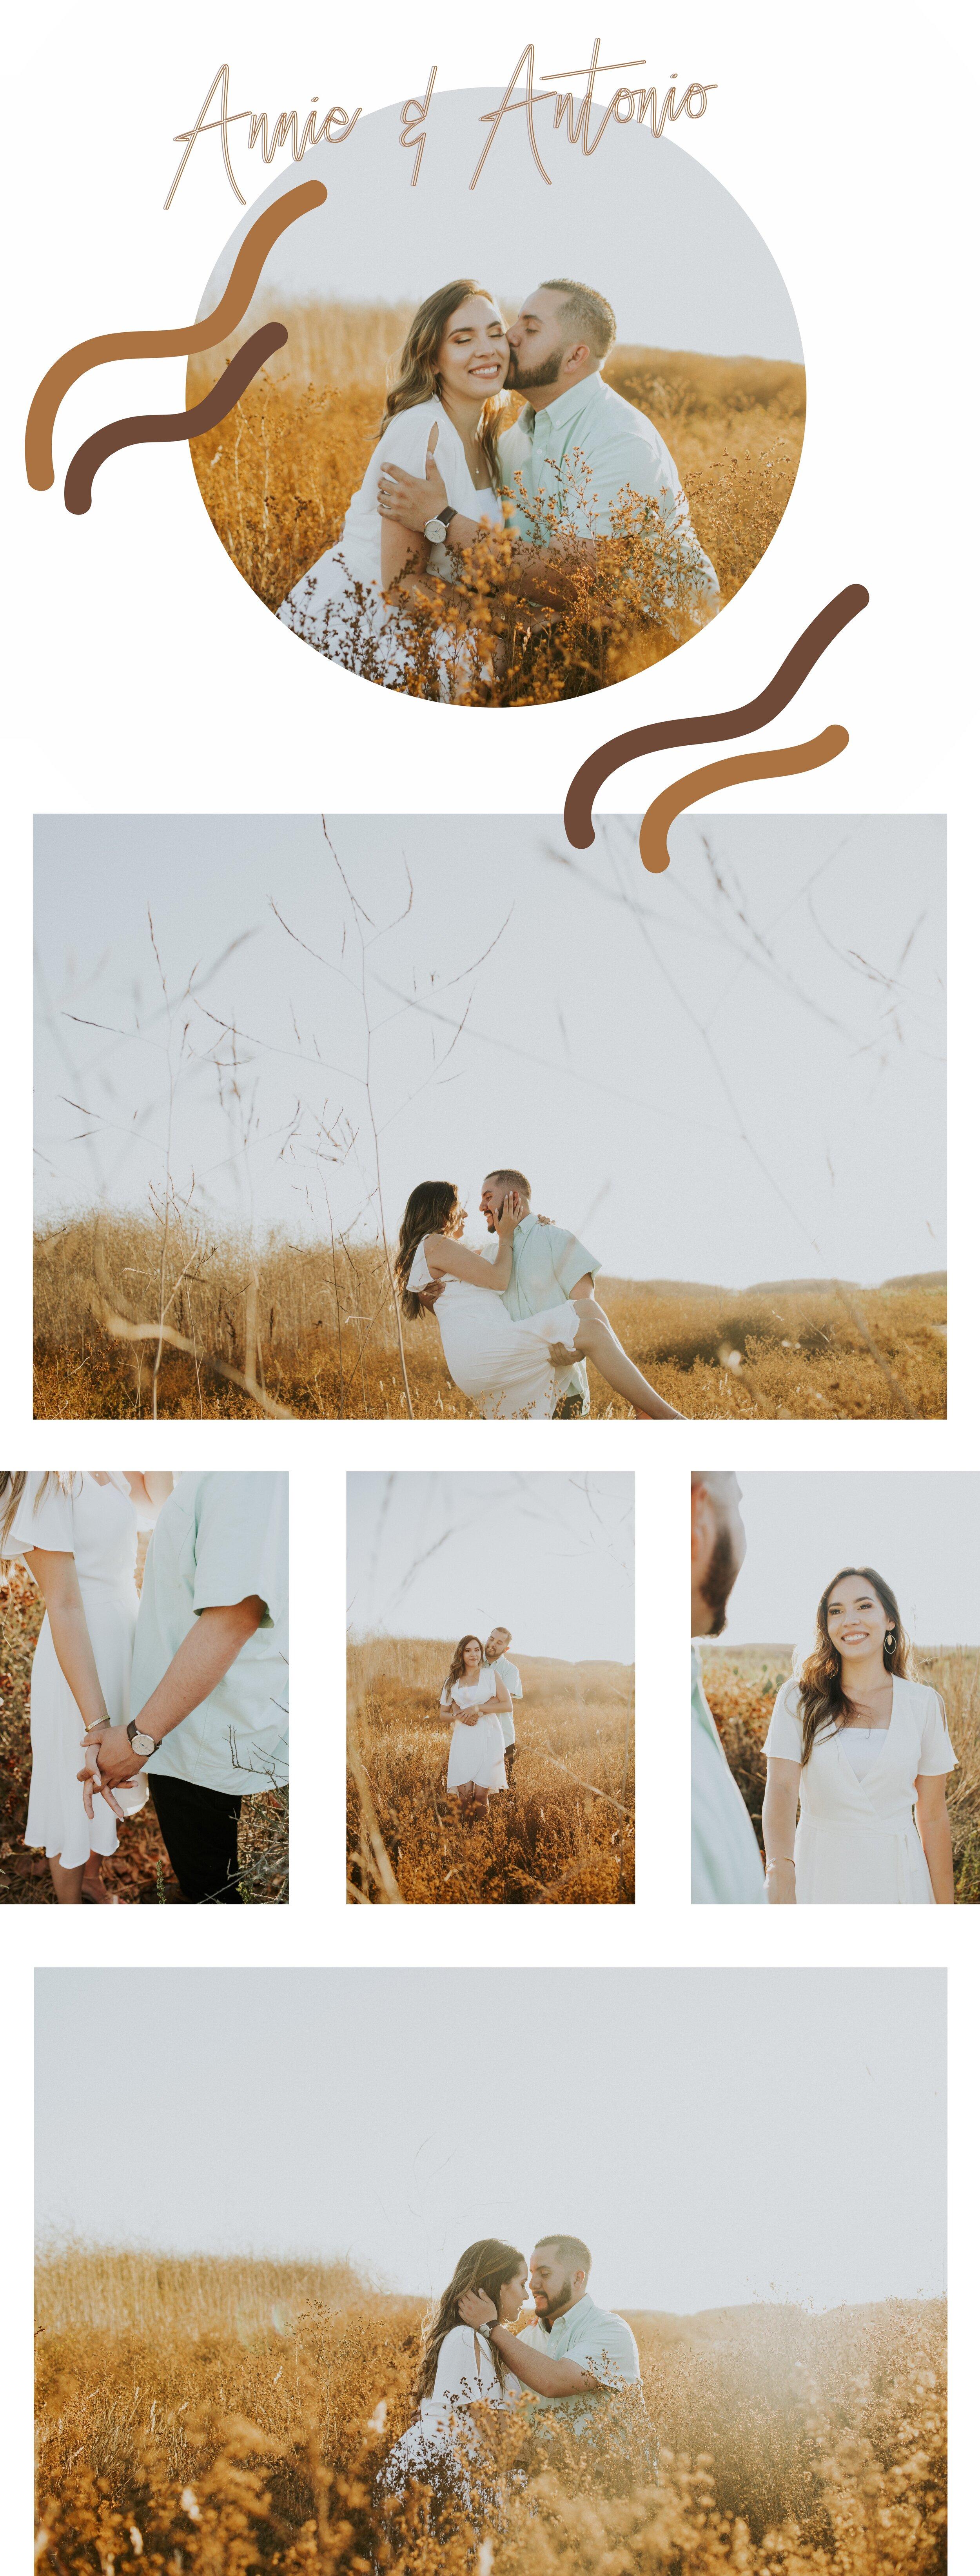 Annie + Antonio website.jpg